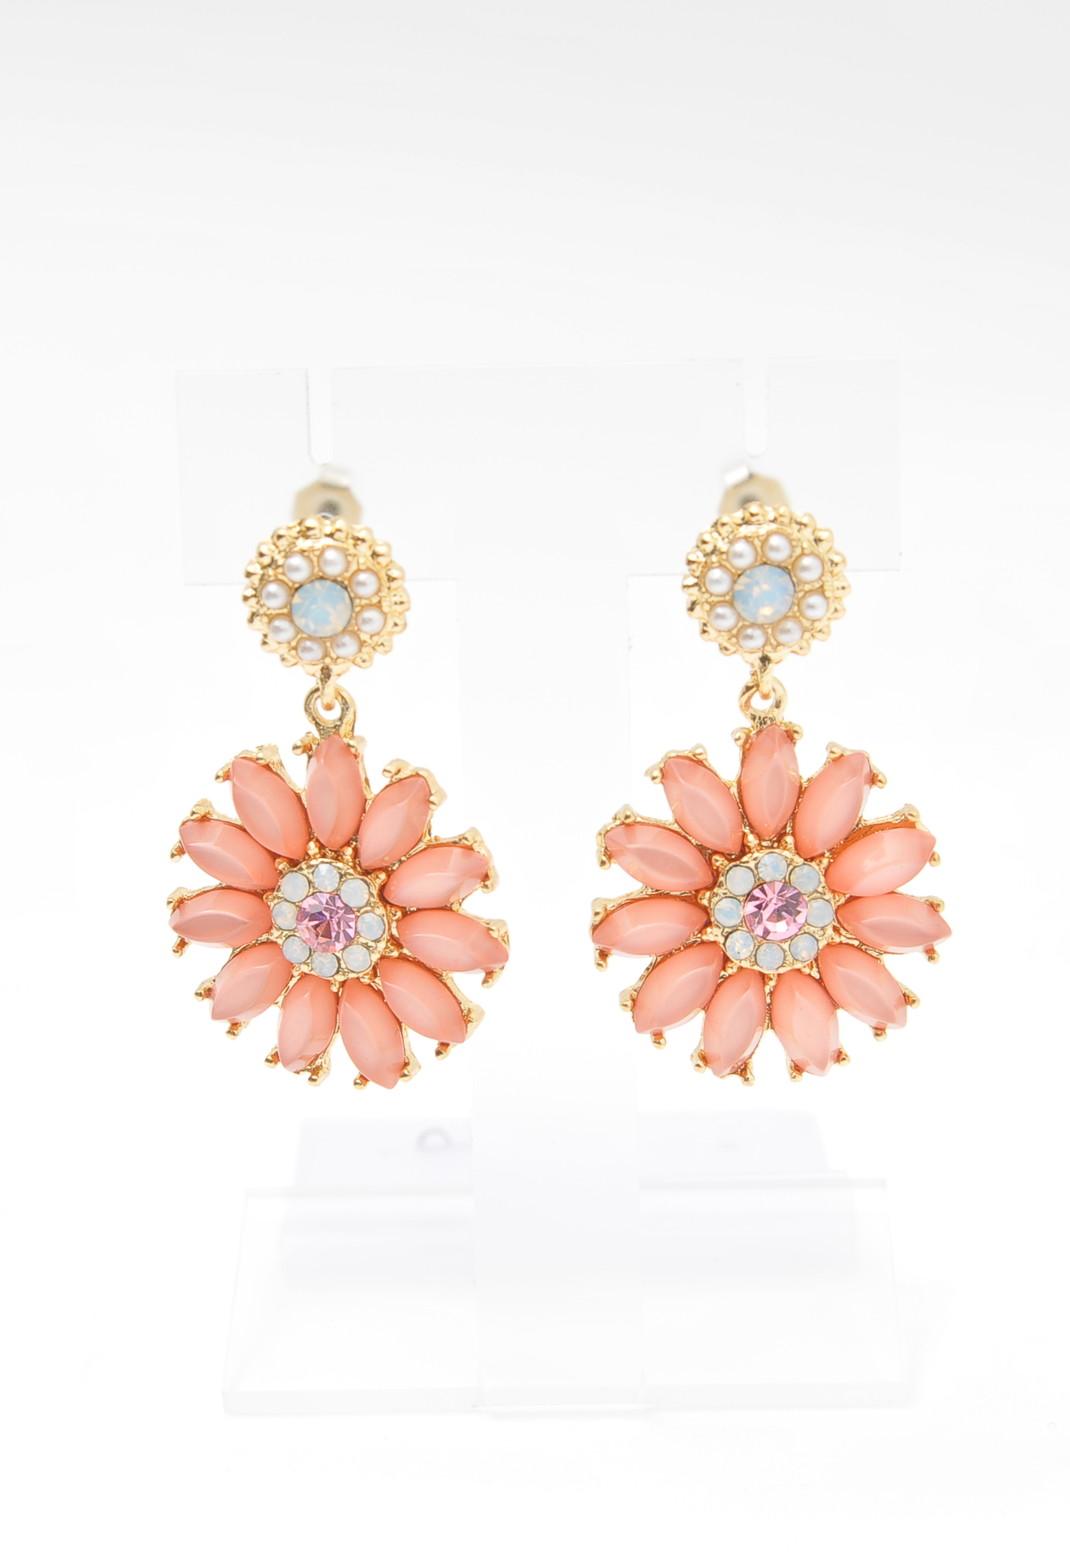 フラワーモチーフ イエロー × ホワイトストーン ピアス ピンク